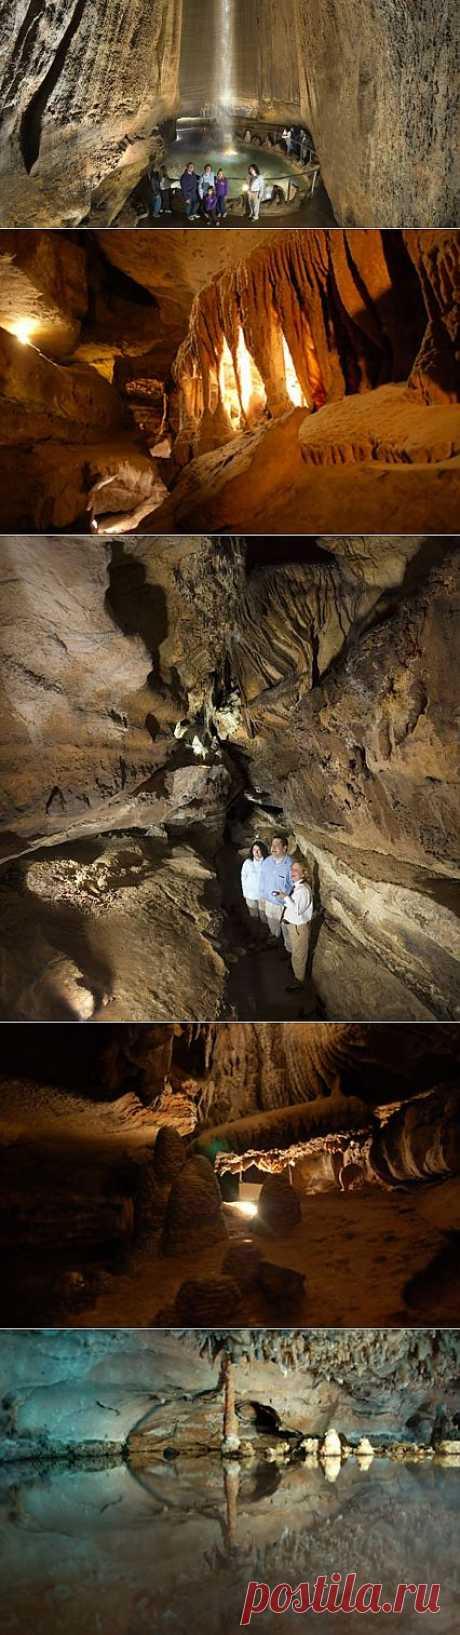 (+1) тема - Подземный водопад | ТУРИЗМ И ОТДЫХ